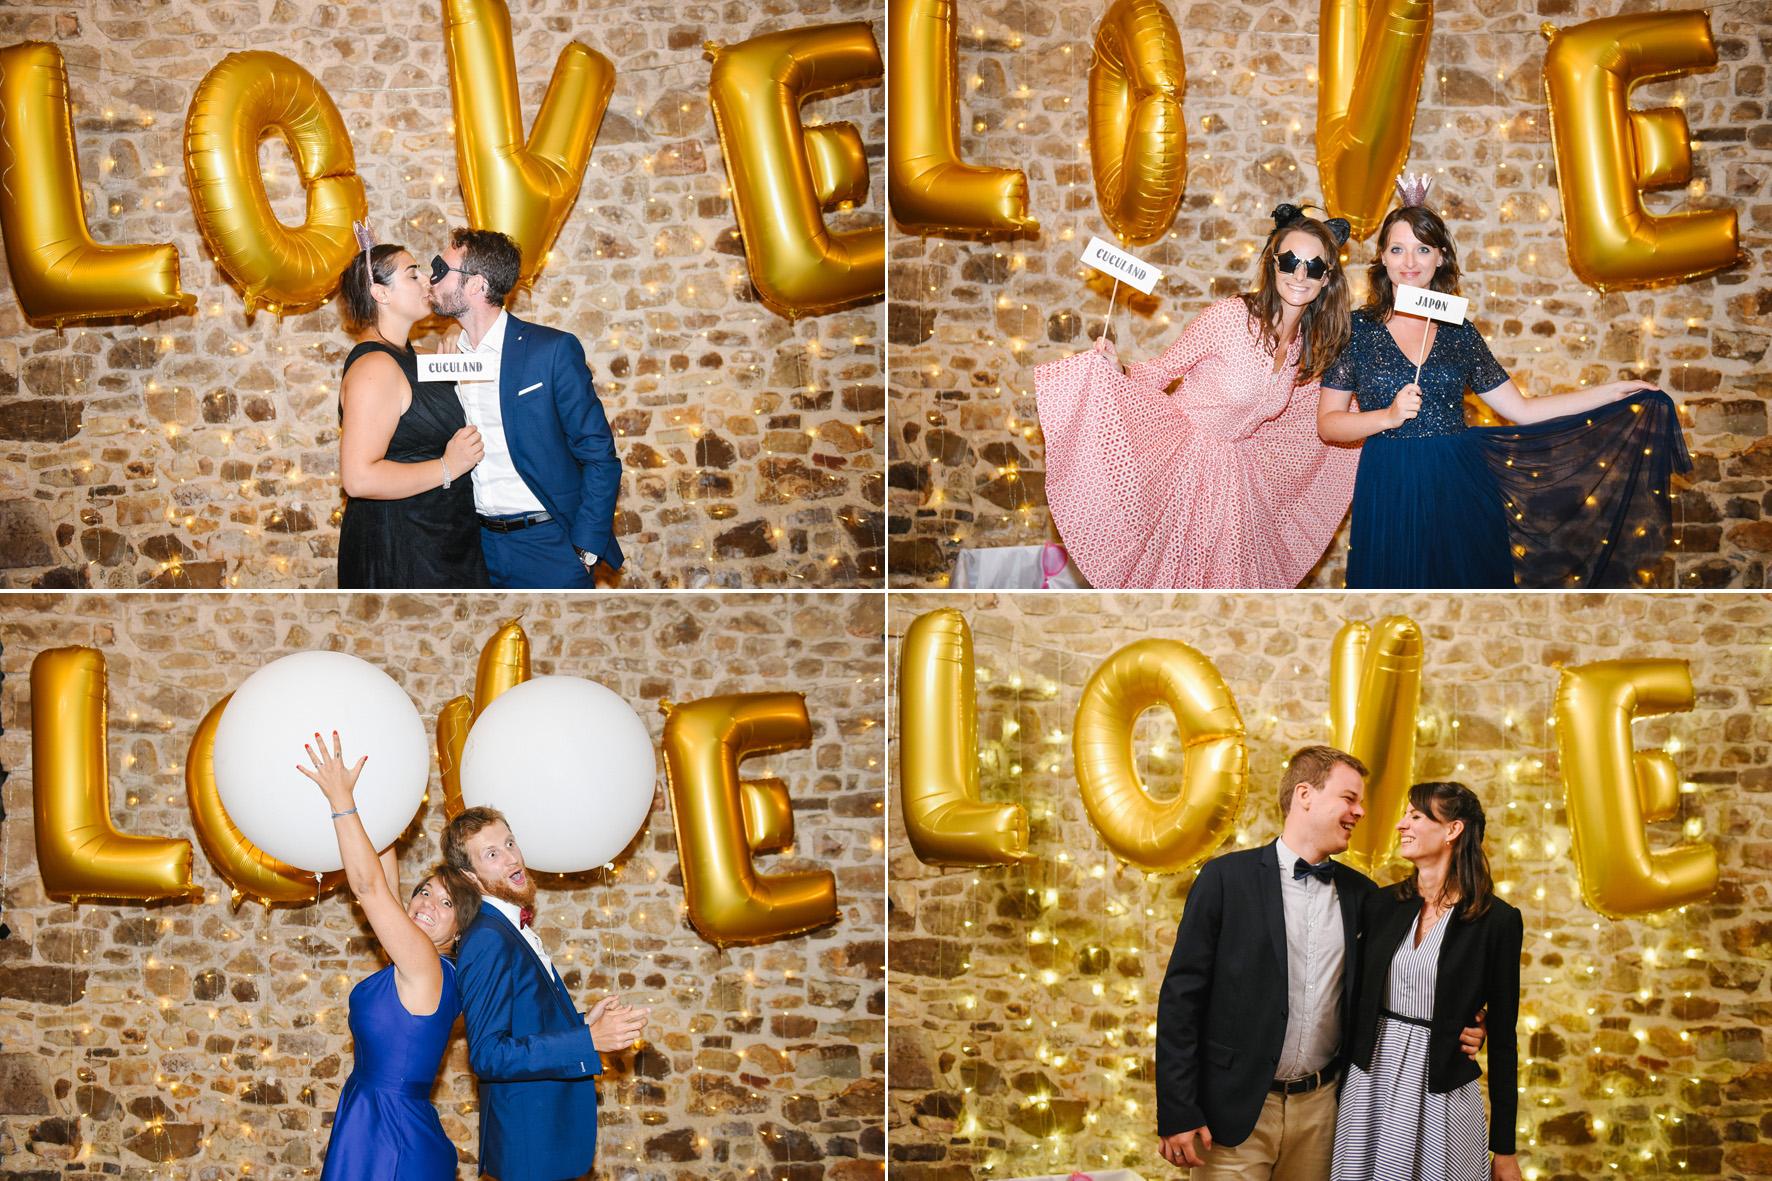 mariage_MT_les Faucheries_72_Sarthe_photographie_clemence_dubois_MEP 23